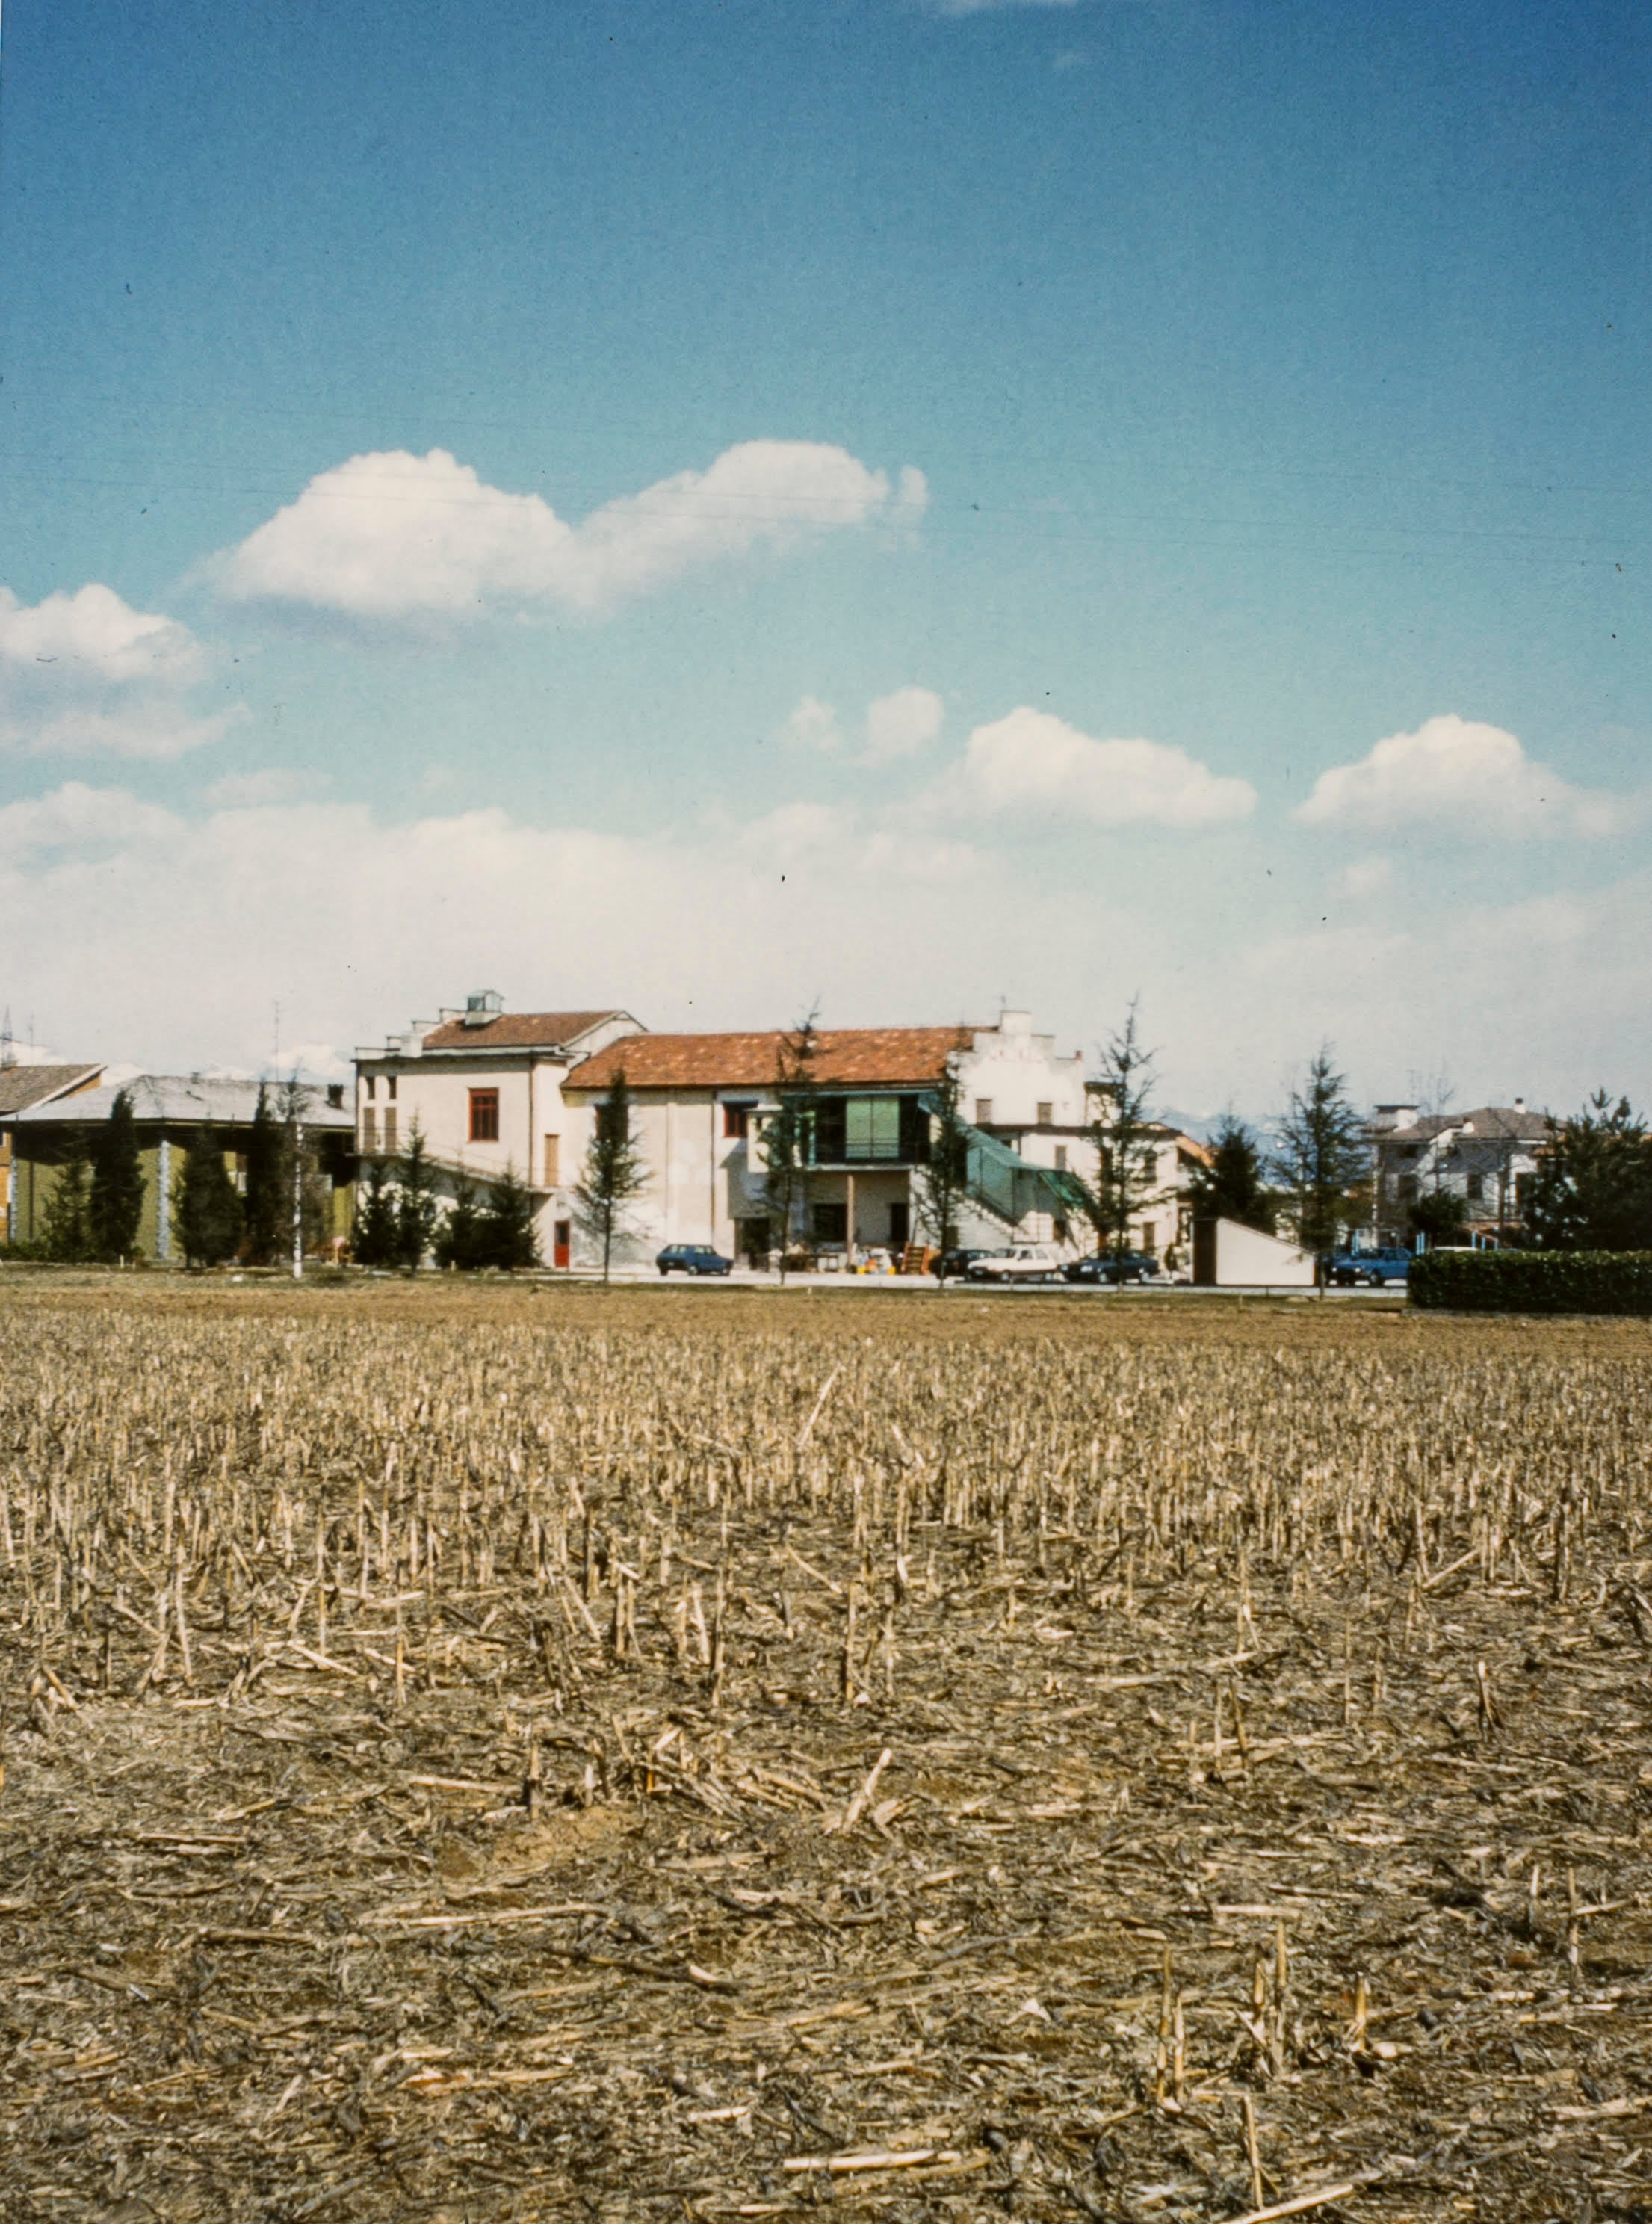 L'edificio del cinema sorge in mezzo alla campagna. 1985 circa